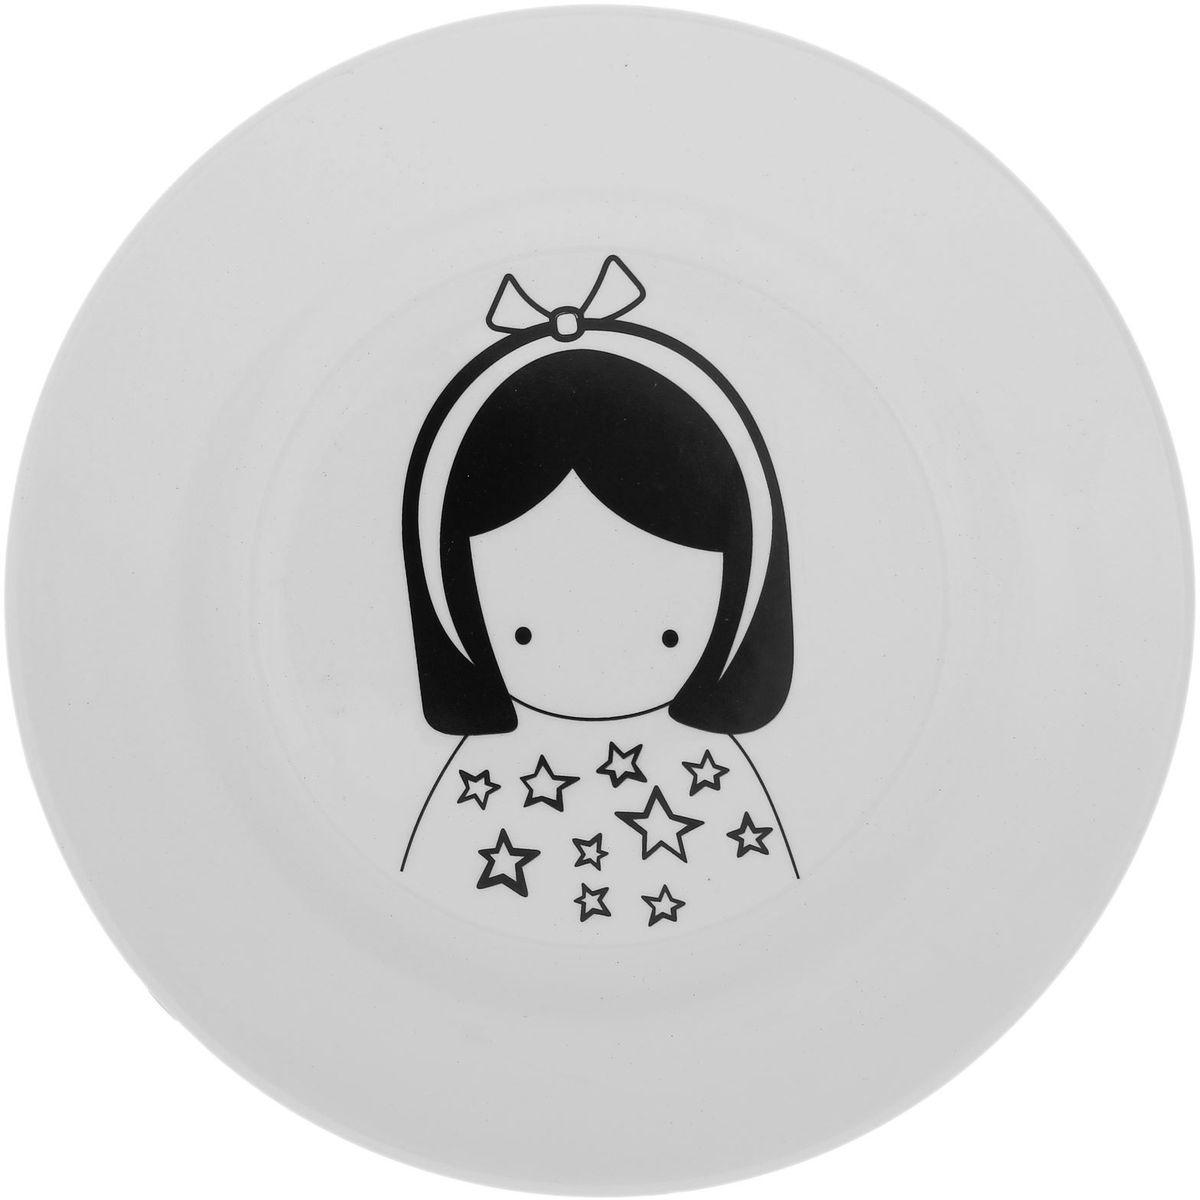 Тарелка мелкая Сотвори чудо Куколка Faien, диаметр 20 см1563647Хотите обновить интерьер кухни или гостиной? Устраиваете необычную фотосессию или тематический праздник? А может, просто ищете подарок для близкого человека? Посуда Сотвори Чудо — правильный выбор в любой ситуации. Тарелка Сотвори Чудо, изготовленная из изящного фаянса нежного сливочного цвета, оформлена оригинальным рисунком со стойкой краской. Пригодна для посудомоечной машины.